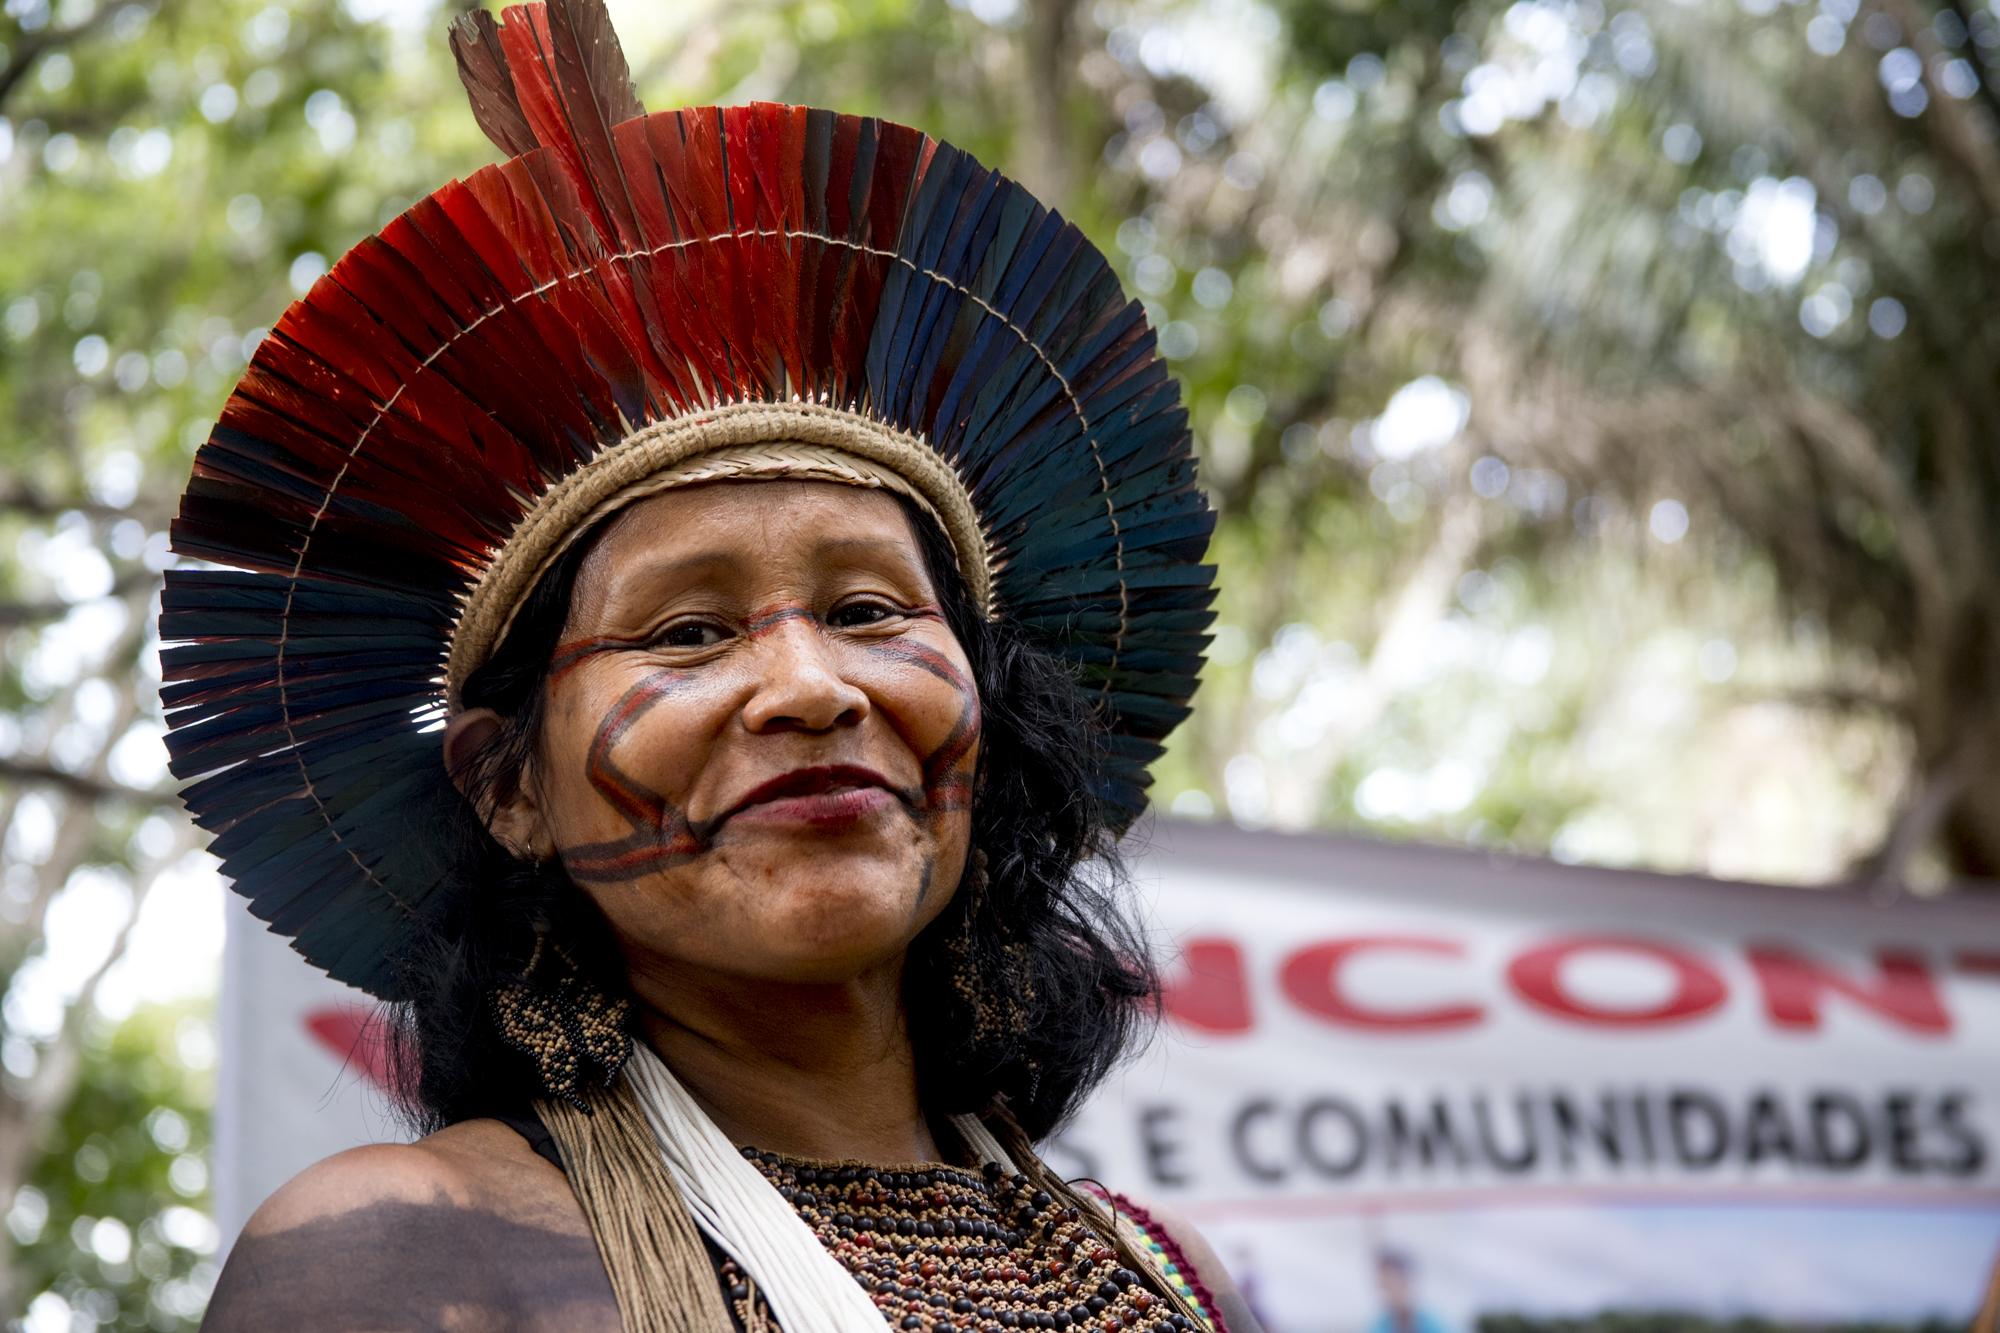 Luta pela terra, autodeterminação e direitos humanos